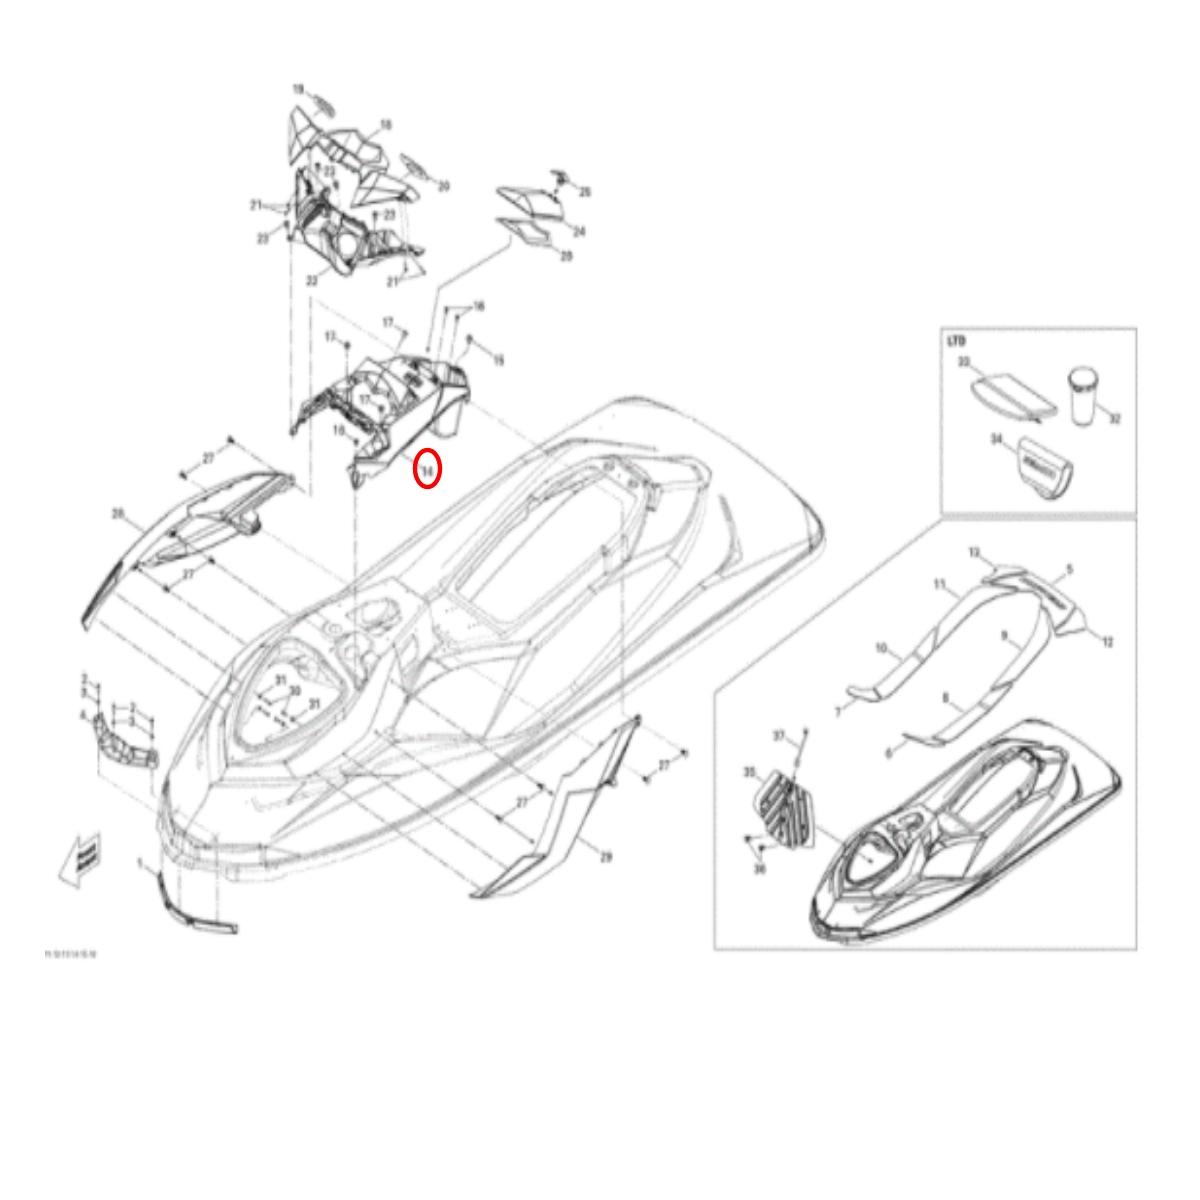 Console Original  Jet Ski SEADOO 11/18 (TRANSPORTE A COMBINAR)  - Radical Peças - Peças para Jet Ski